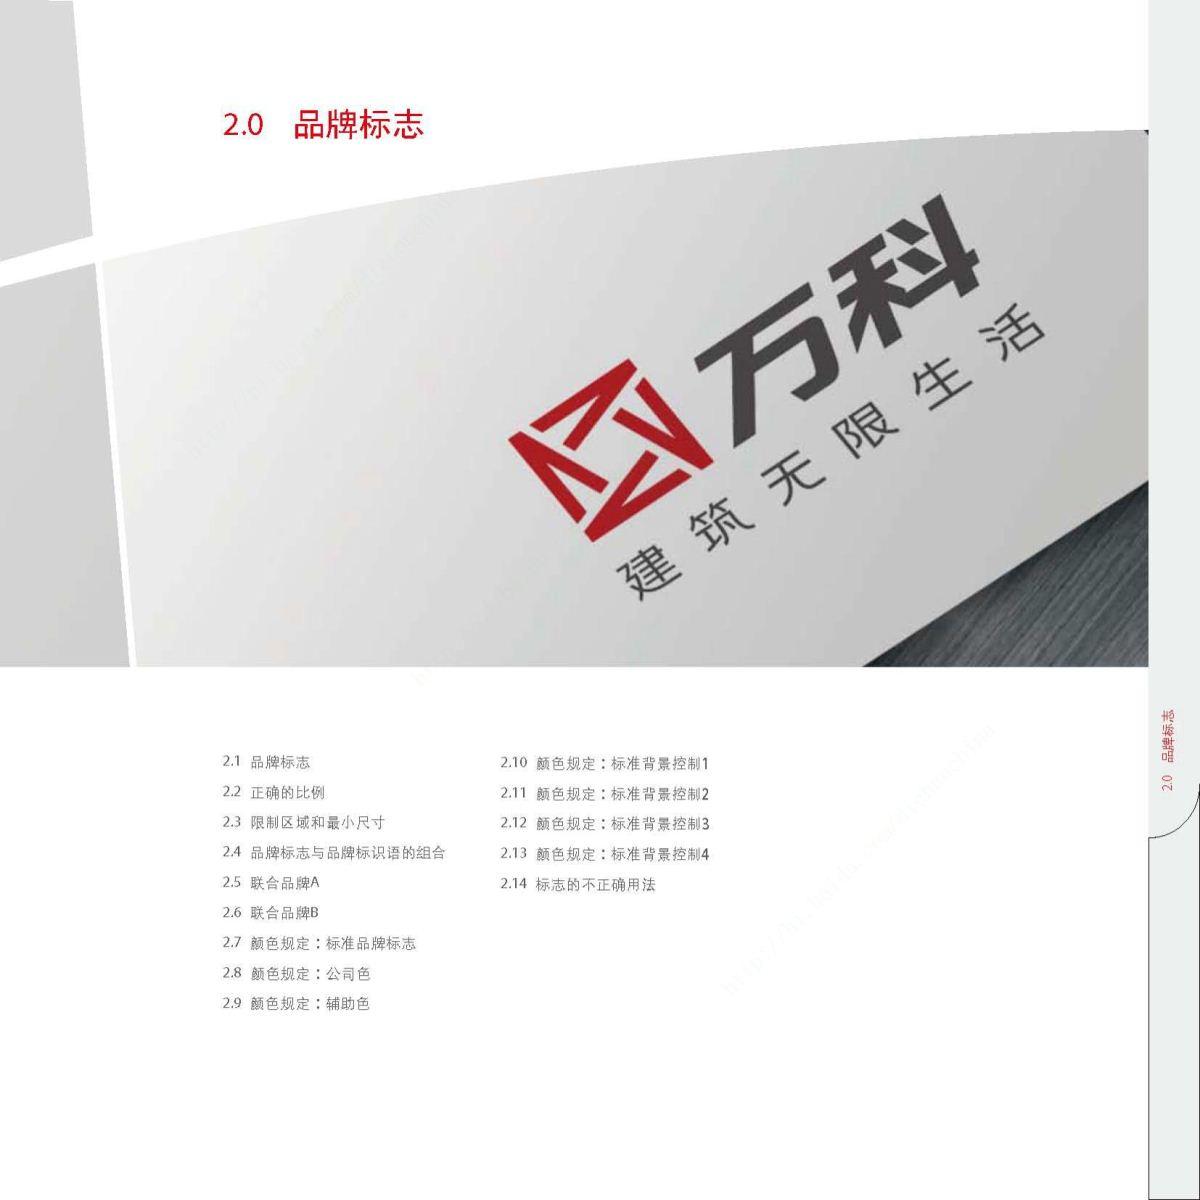 万科房地产公司vi设计.品牌形象规范手册